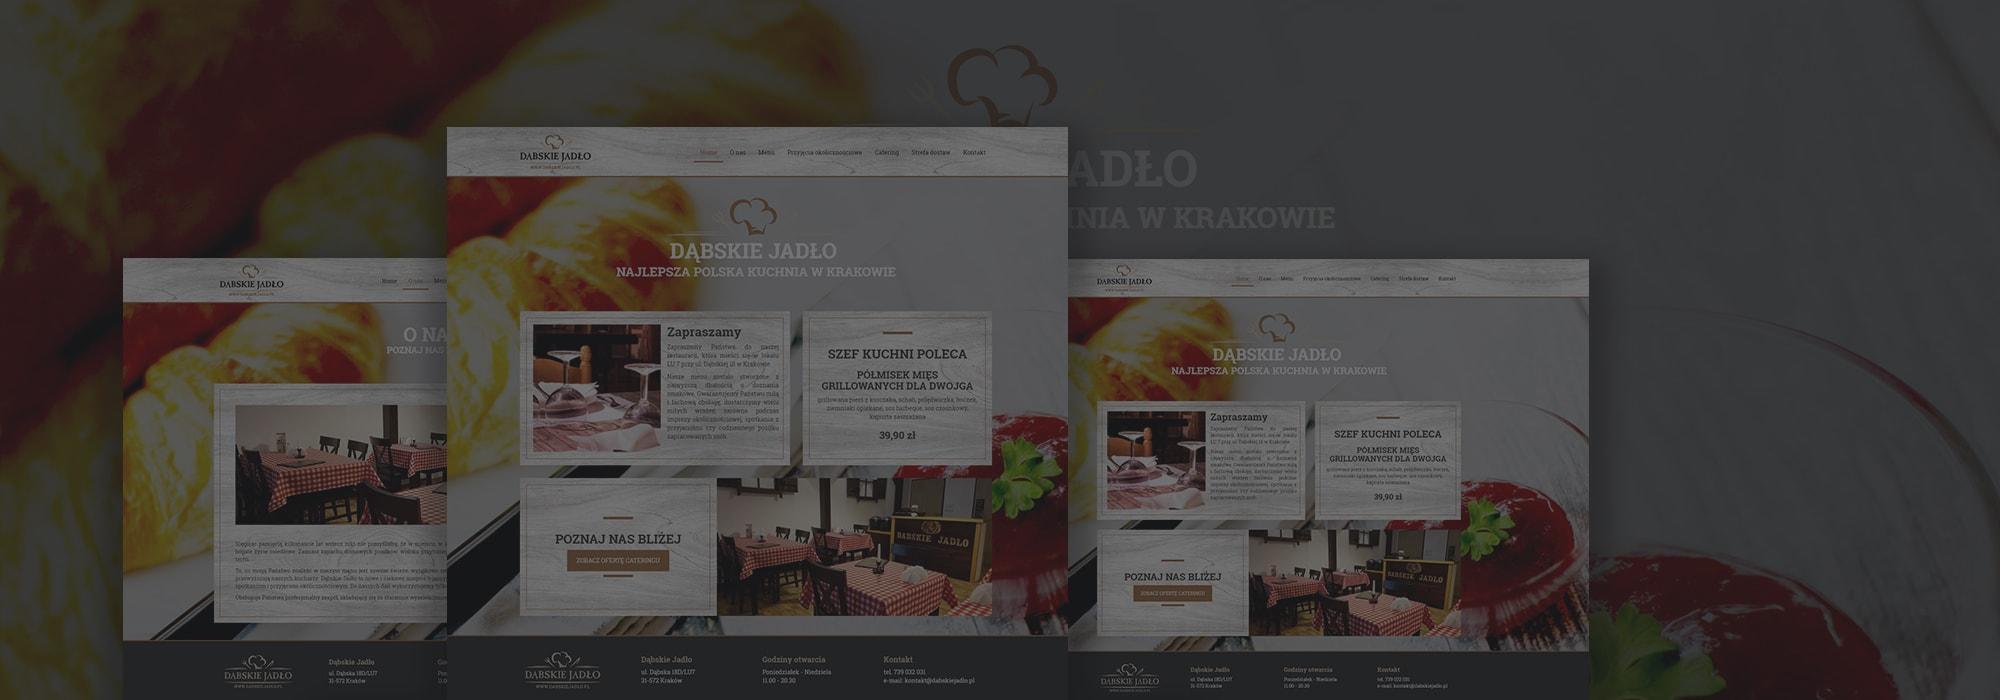 prosta strona internetowa dla restauracji w krakowie